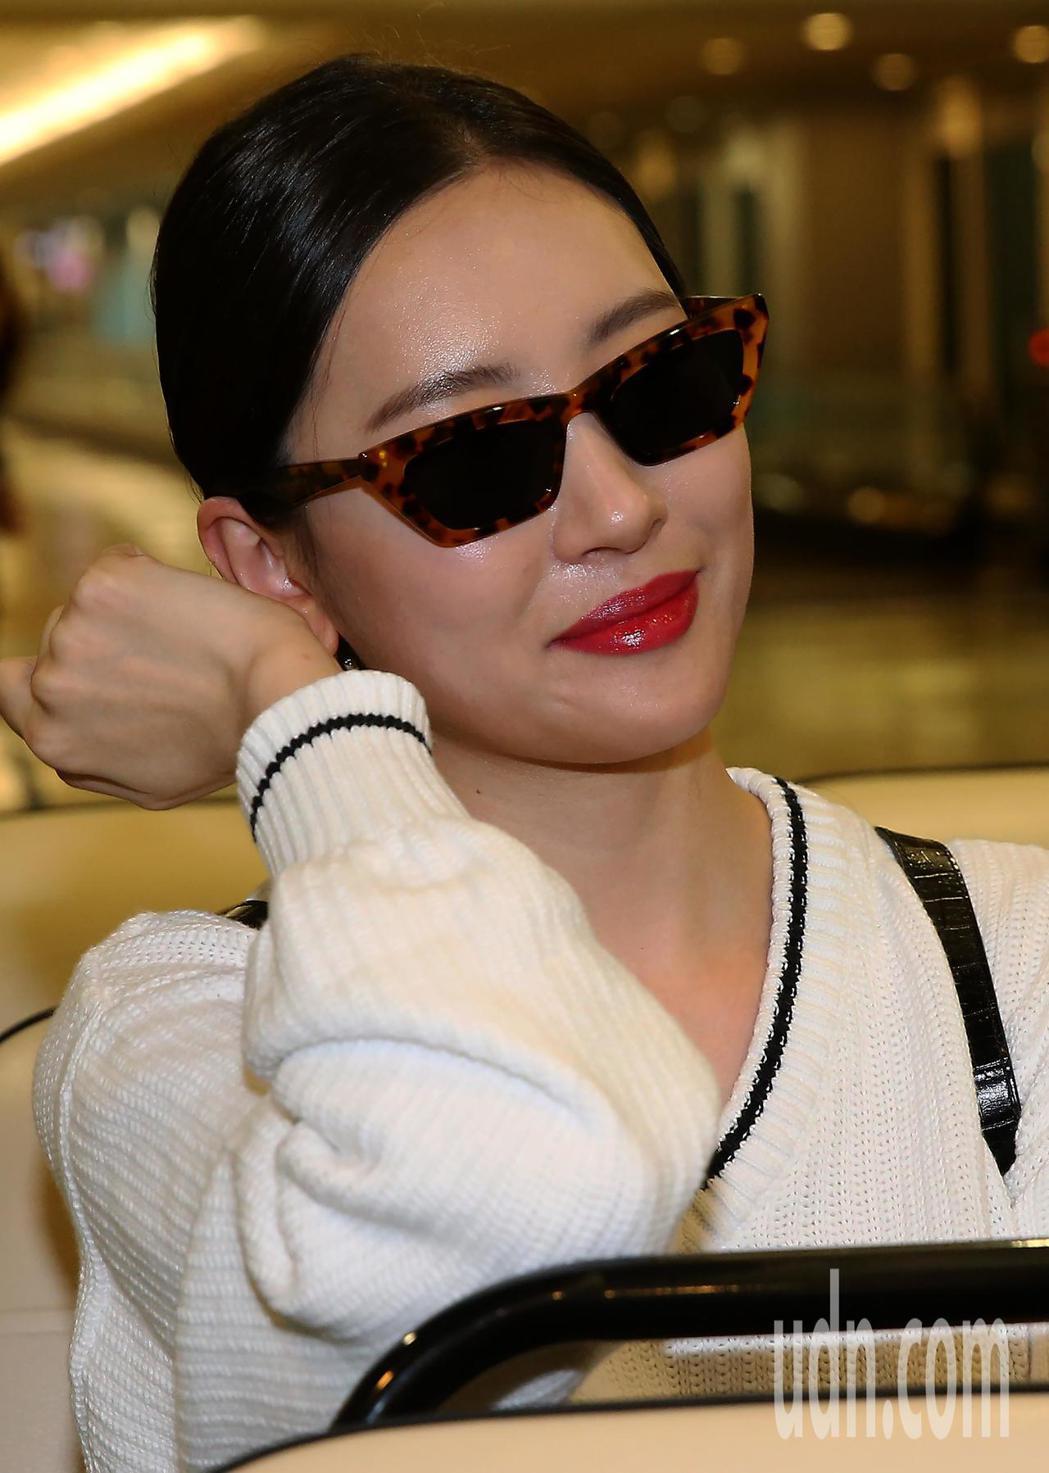 韓星宣美9日下午搭機抵達桃園機場,看到媒體記者拍攝,親切地回應。記者陳嘉寧/攝影